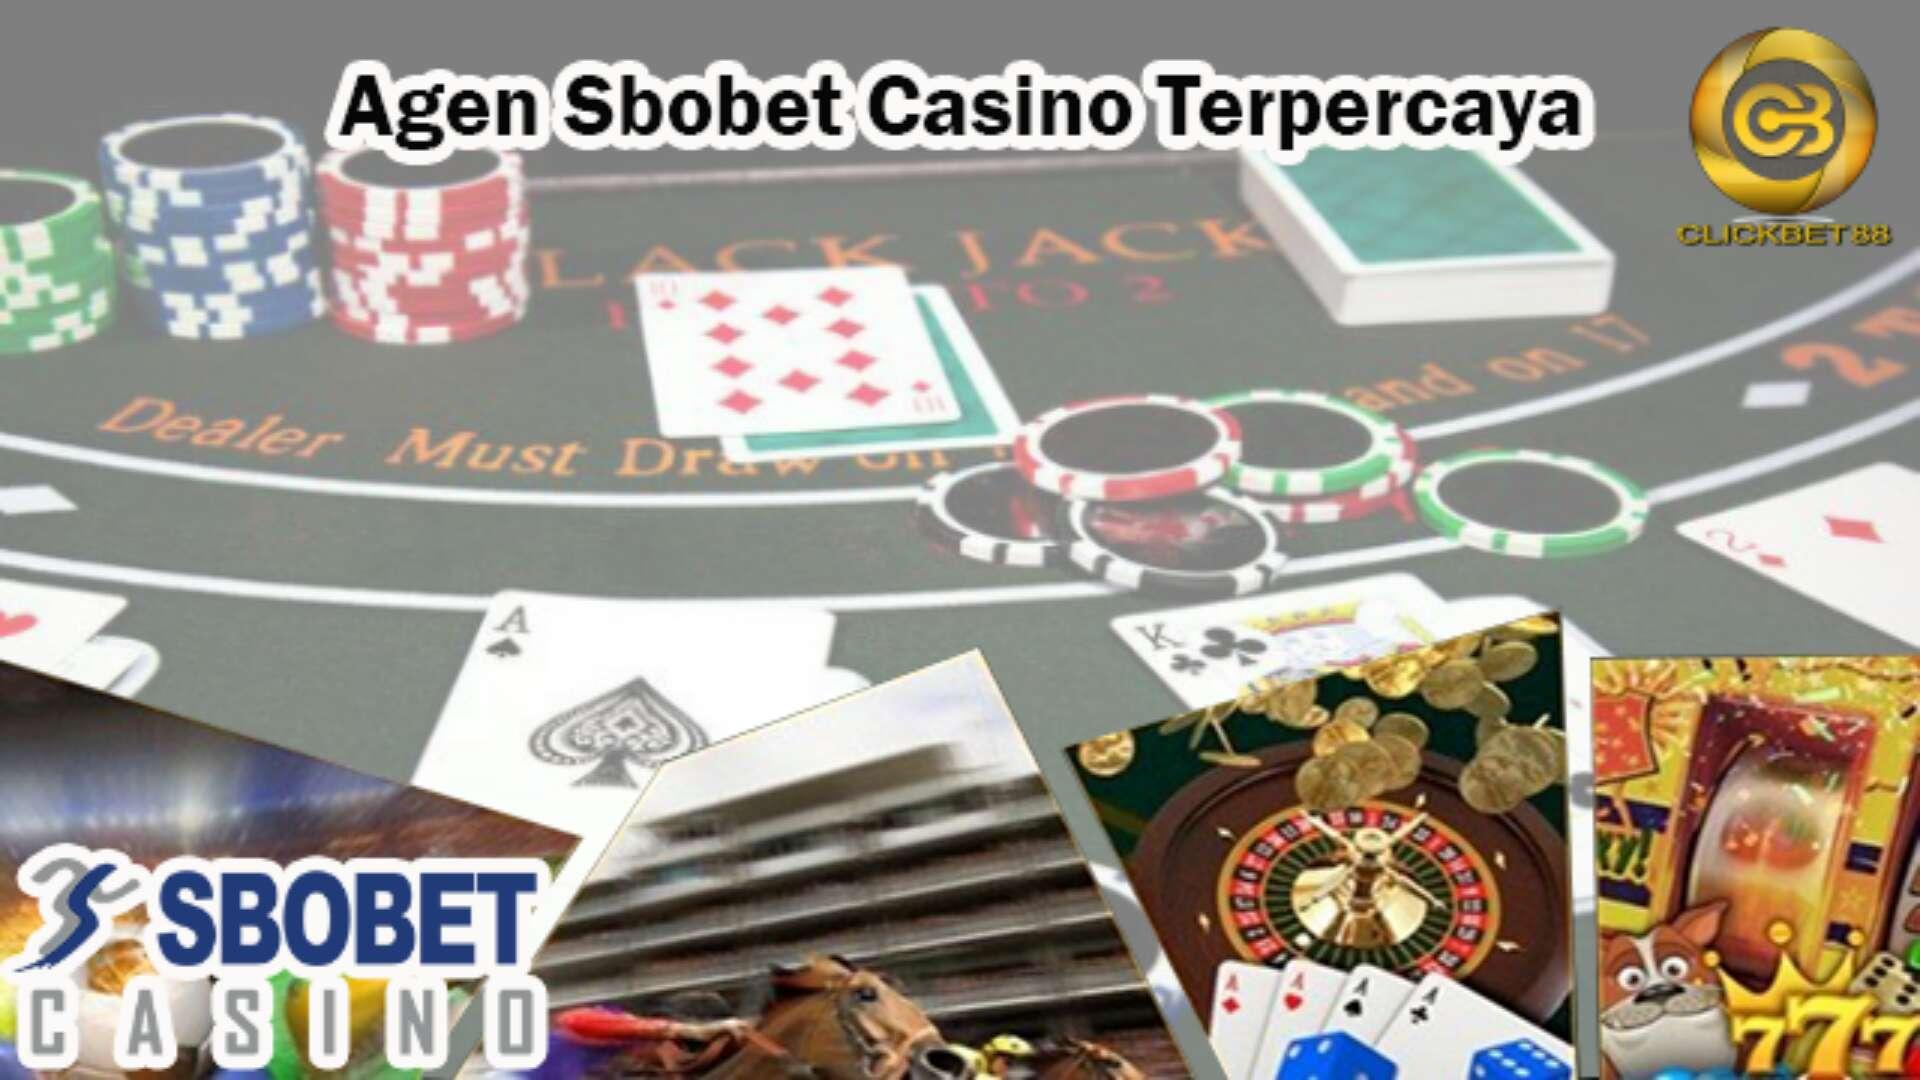 Agen Sbobet Casino Terpercaya